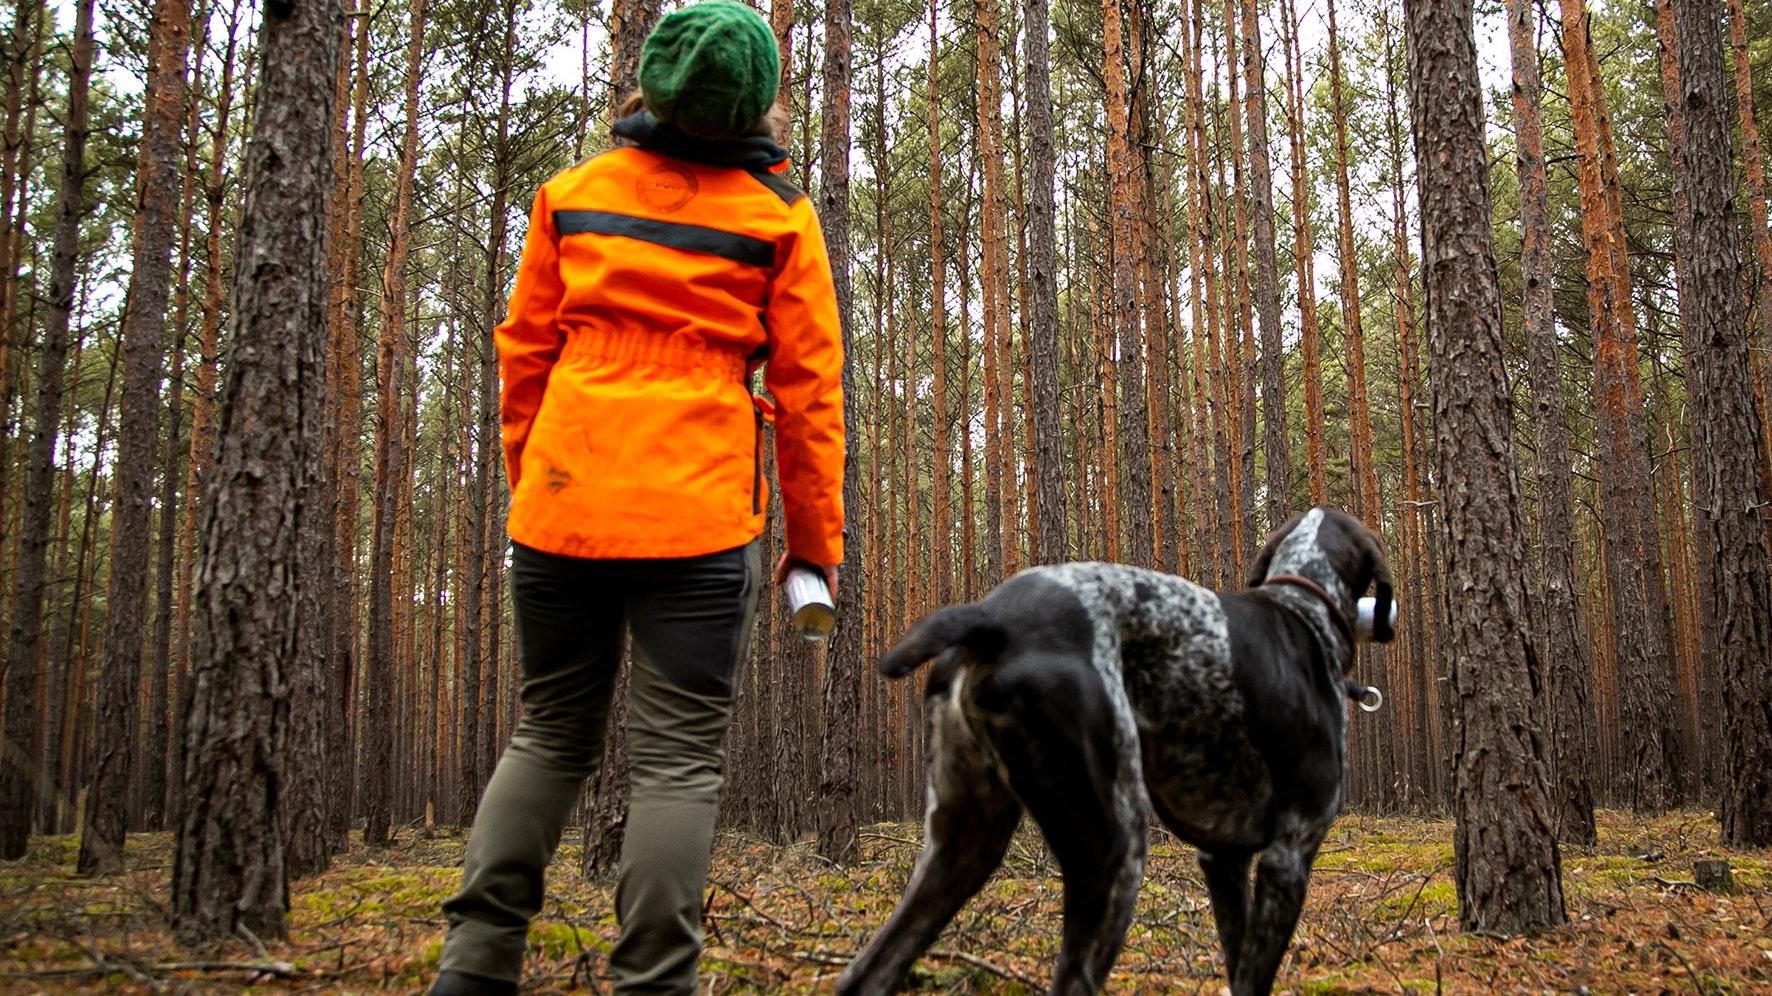 Dürre, Hitze und Stürme setzen dem Wald zu: Die IG BAU fordert mehr Forstpersonal, um den klimagerechten Umbau heimischer Wälder voranzubringen. Foto: IG Bau